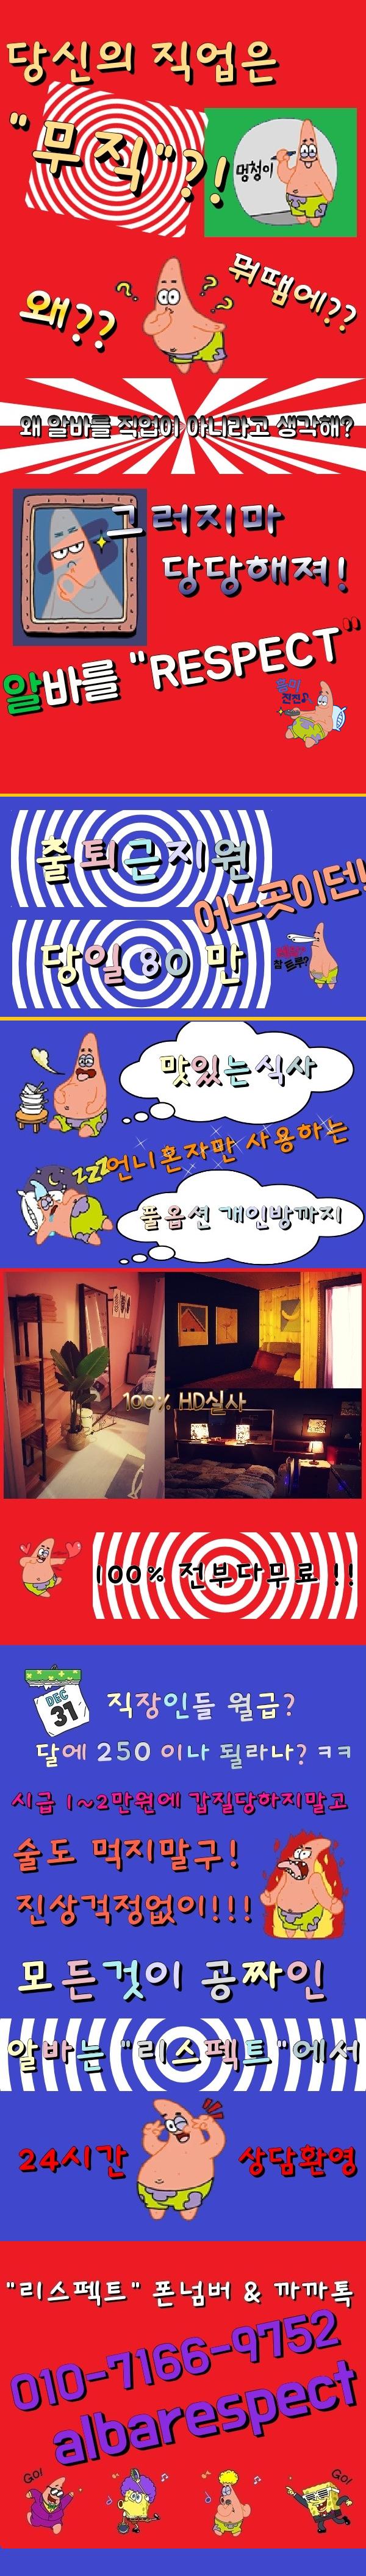 일산유흥알바 당일 80만원